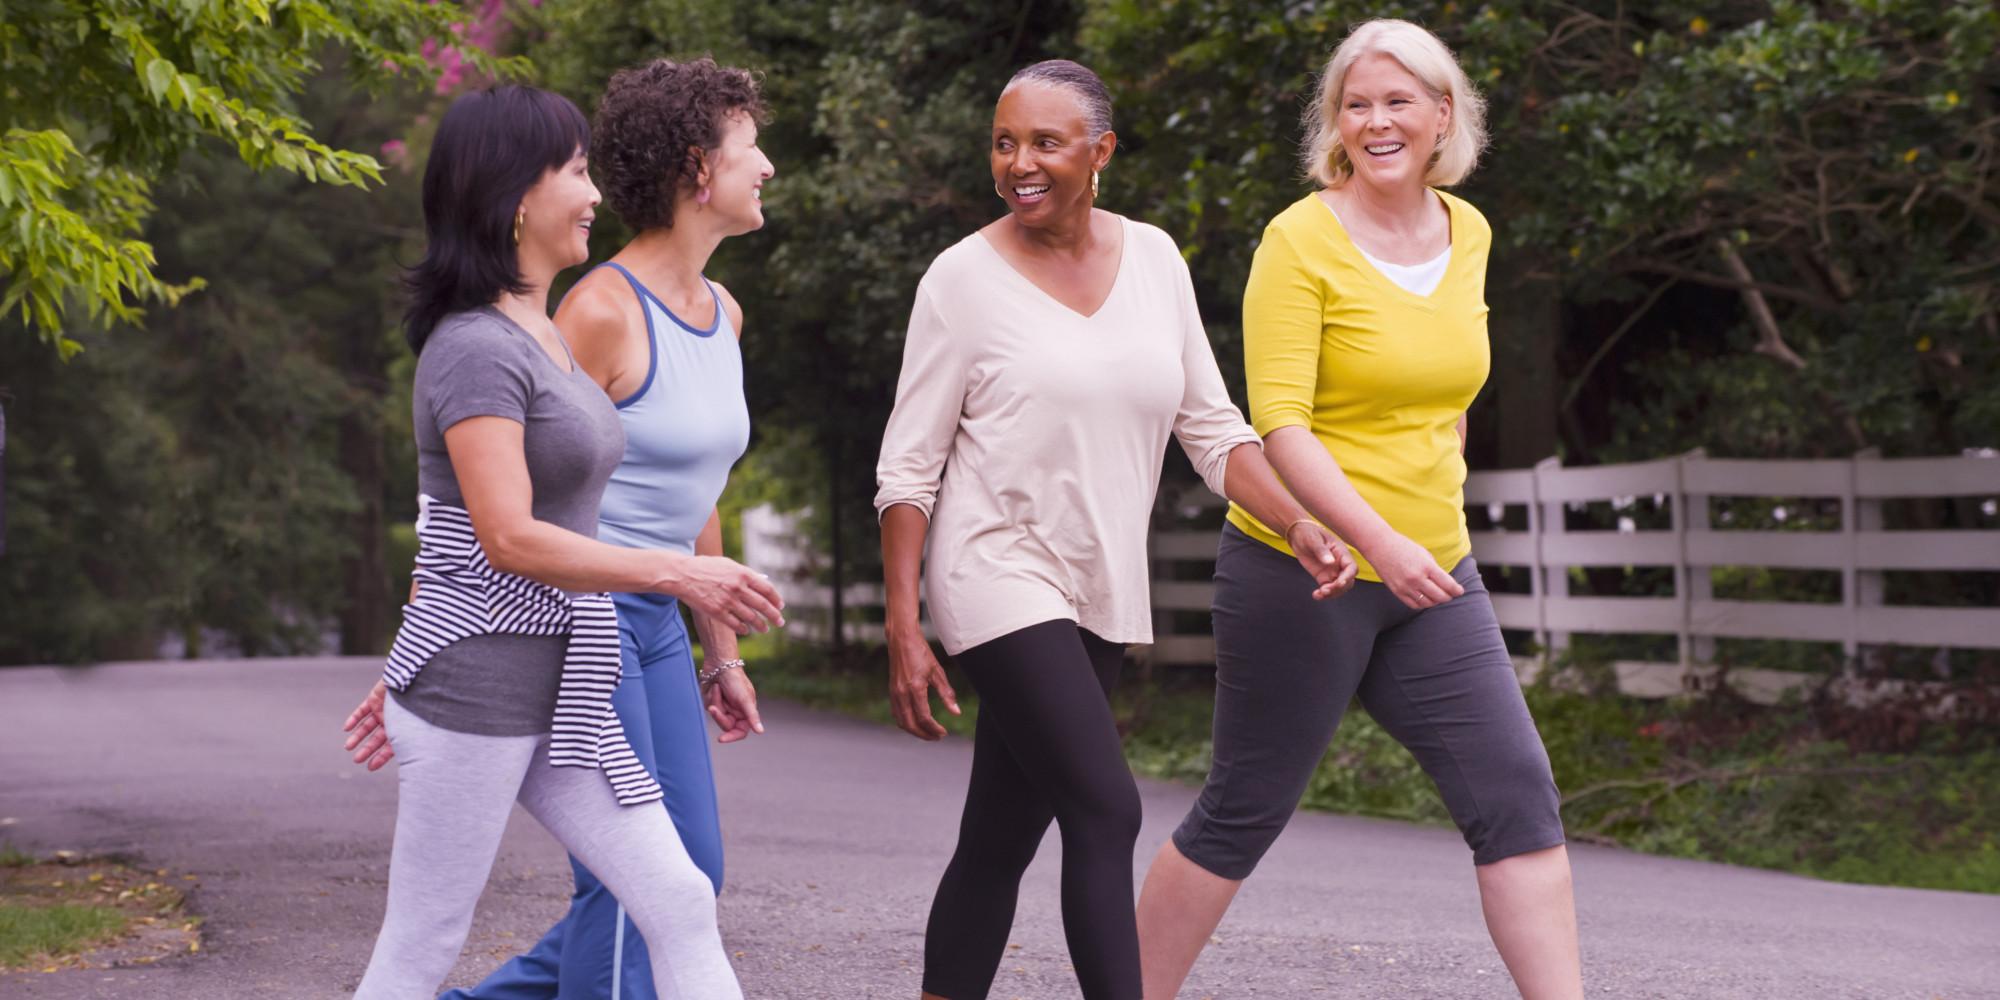 bài tập thể dục cho phụ nữ U50